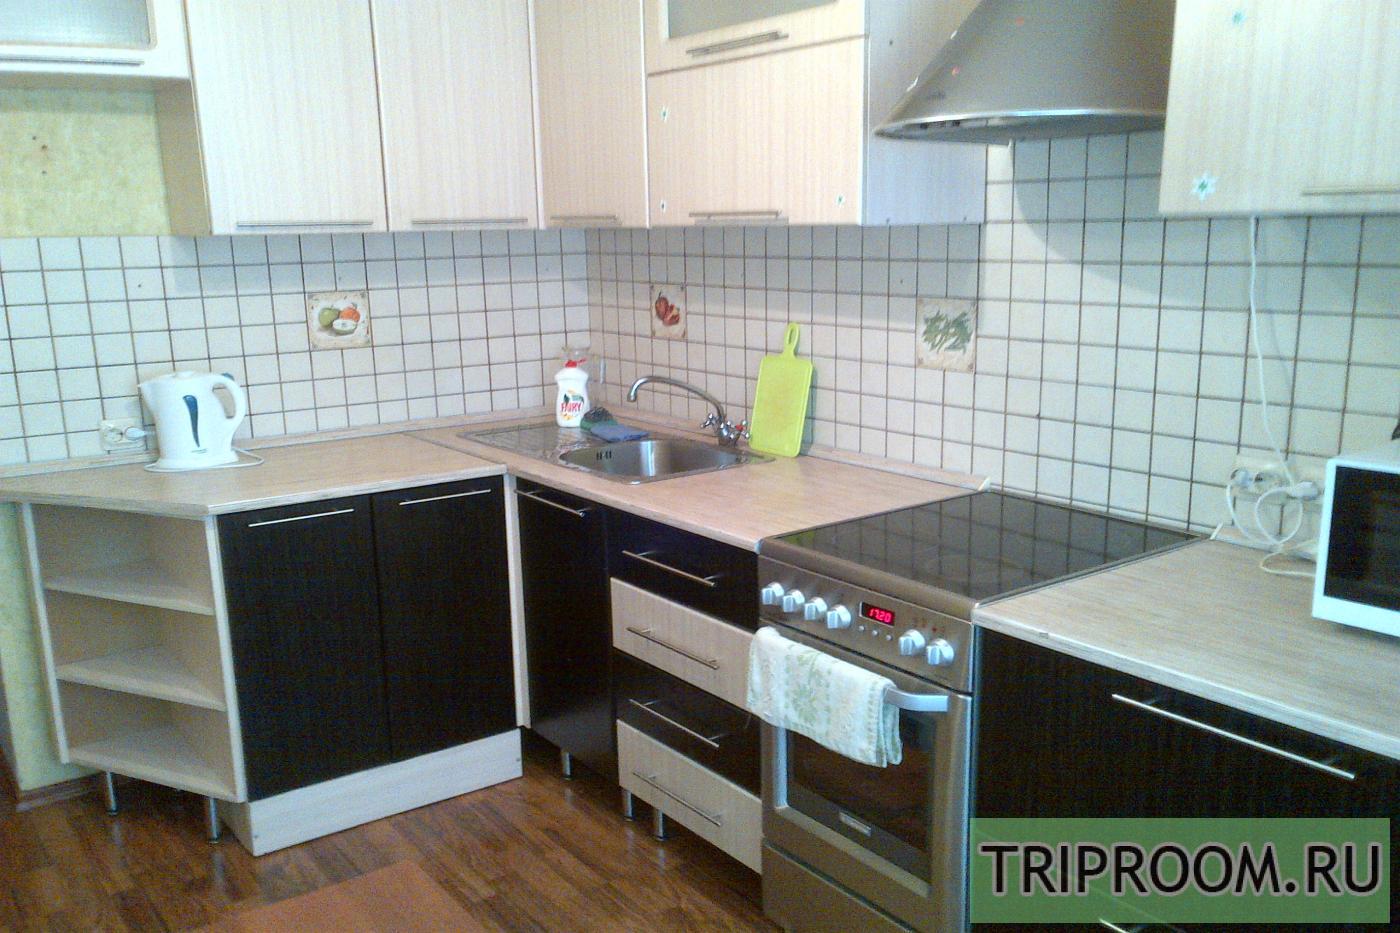 1-комнатная квартира посуточно (вариант № 11690), ул. Вольская улица, фото № 5